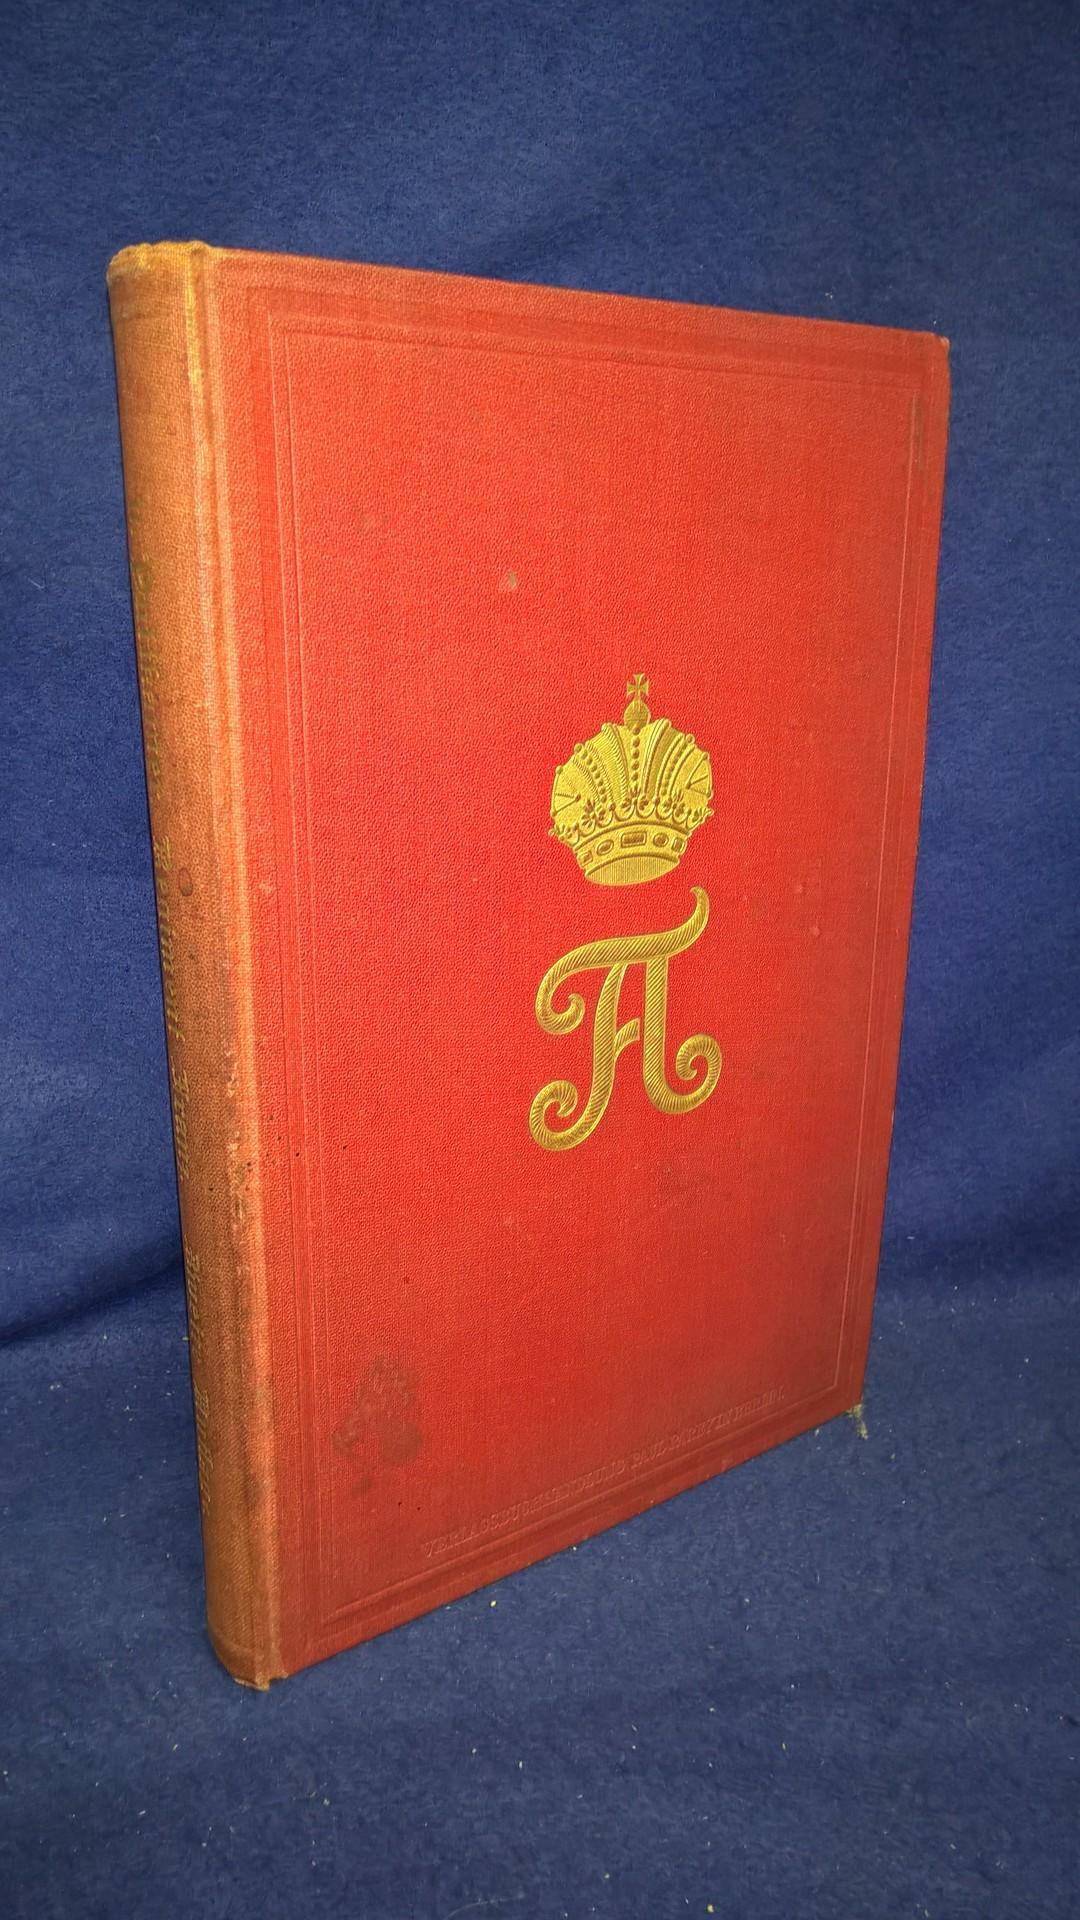 Geschichte des Königlich Preußischen Kaiser Franz Garde-Grenadier-Regiments Nr. 2. Im Auftrage des Regiments zusammengestellt.